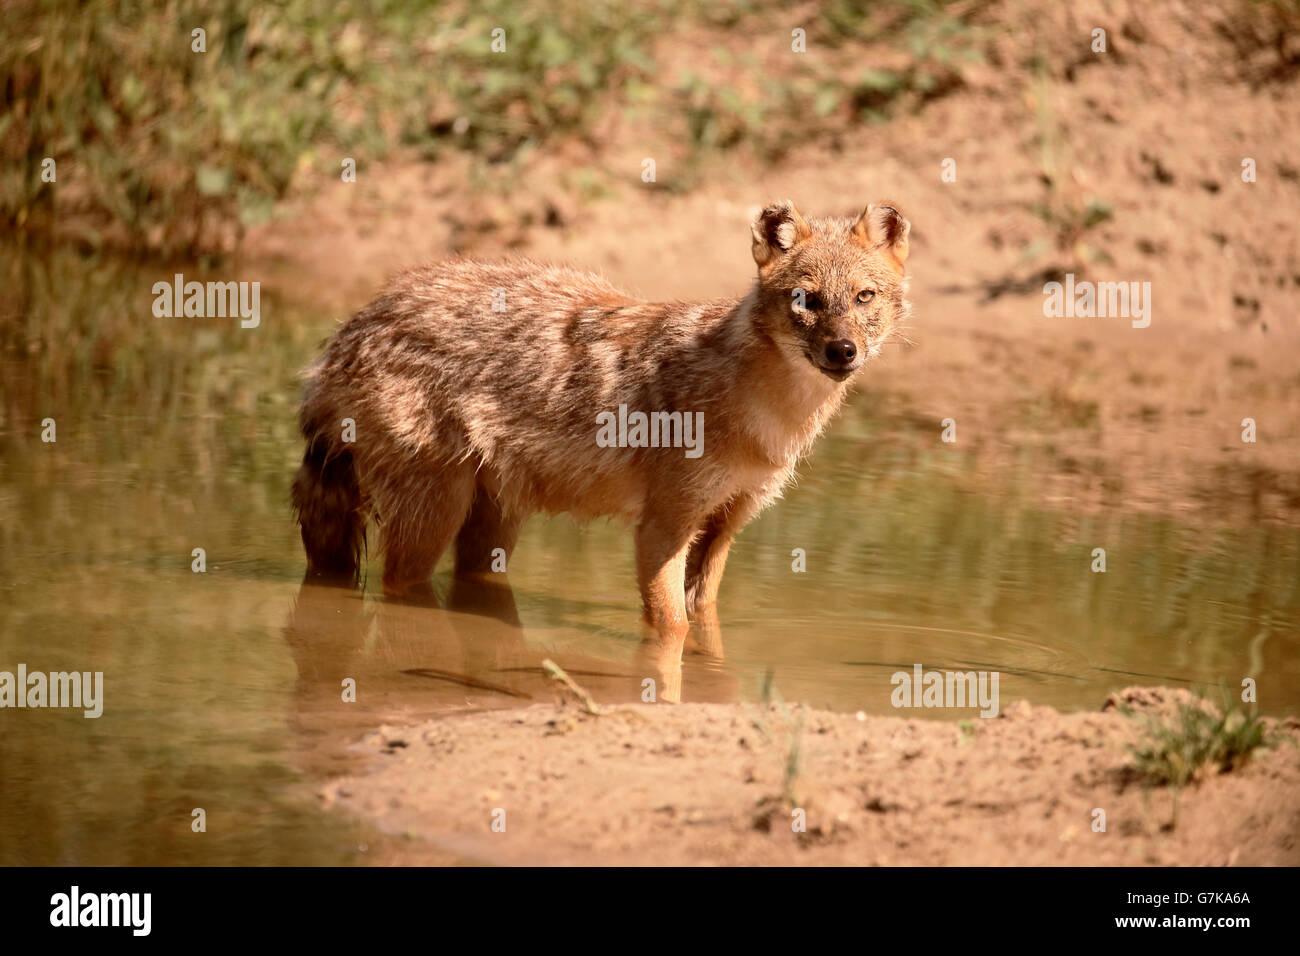 Le Chacal Canis aureus, européen, moreoticus mammifère unique dans l'eau, Roumanie, Juin 2016 Banque D'Images